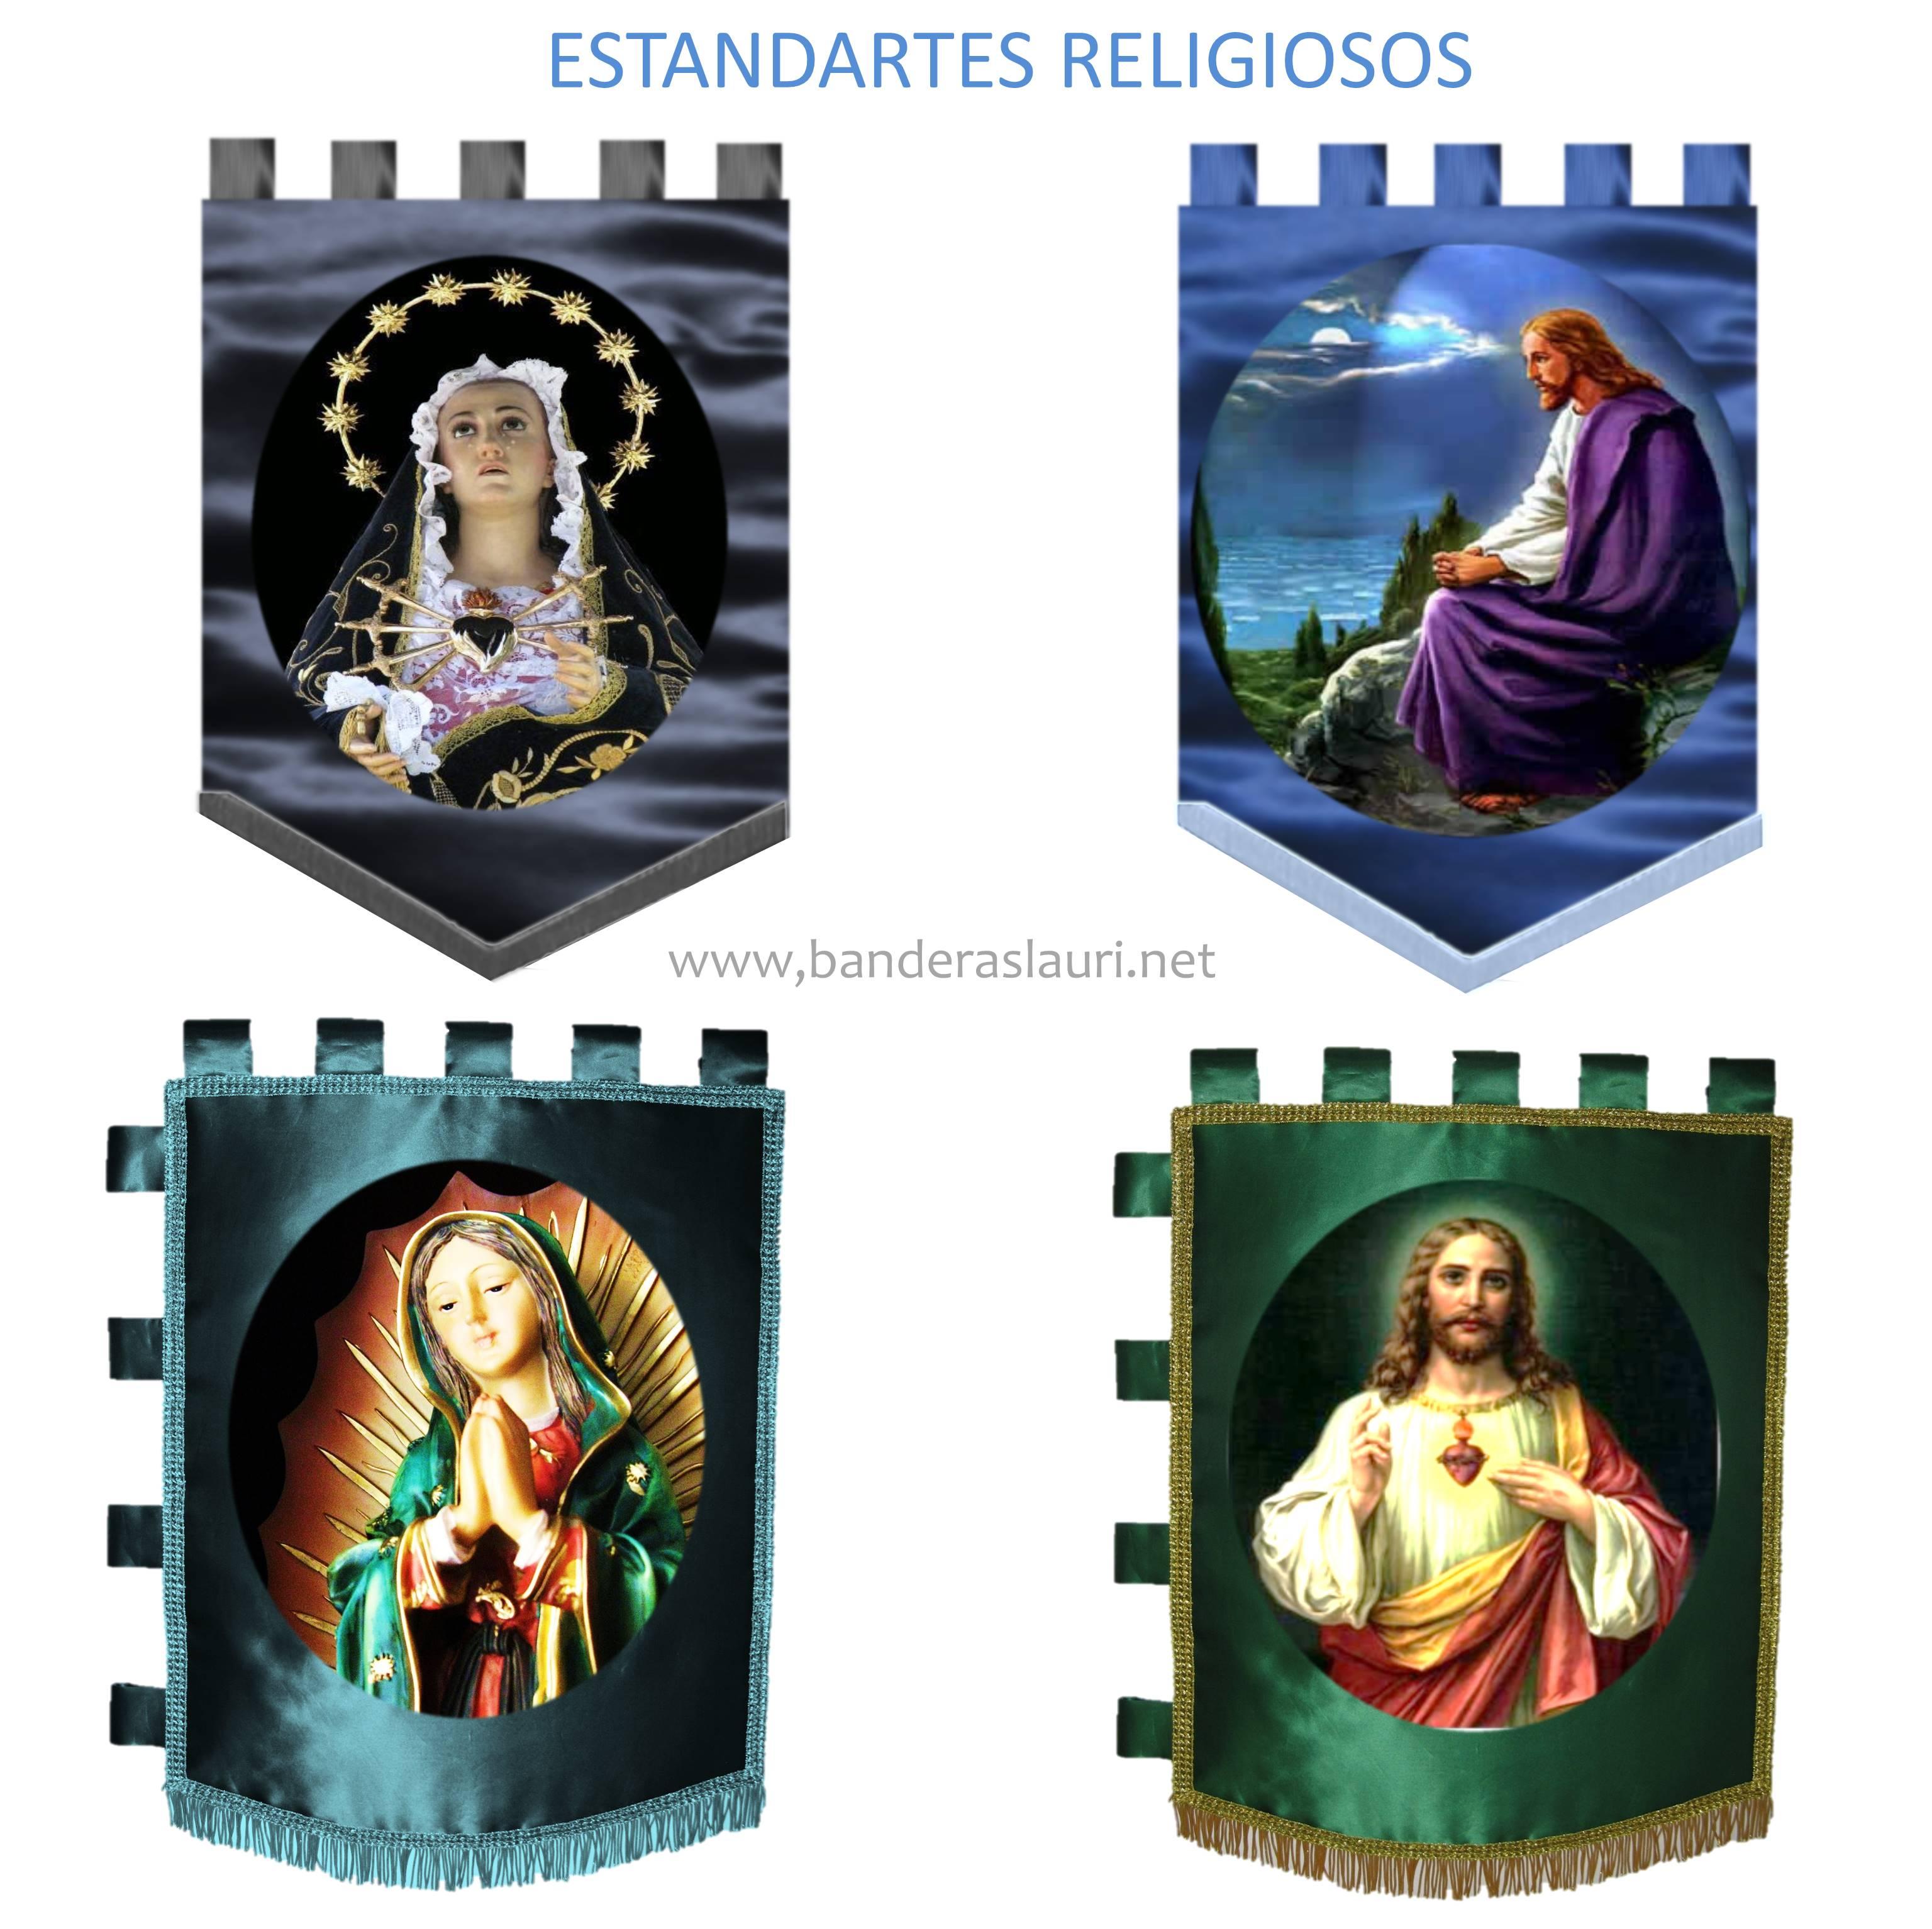 estandartes religiosos